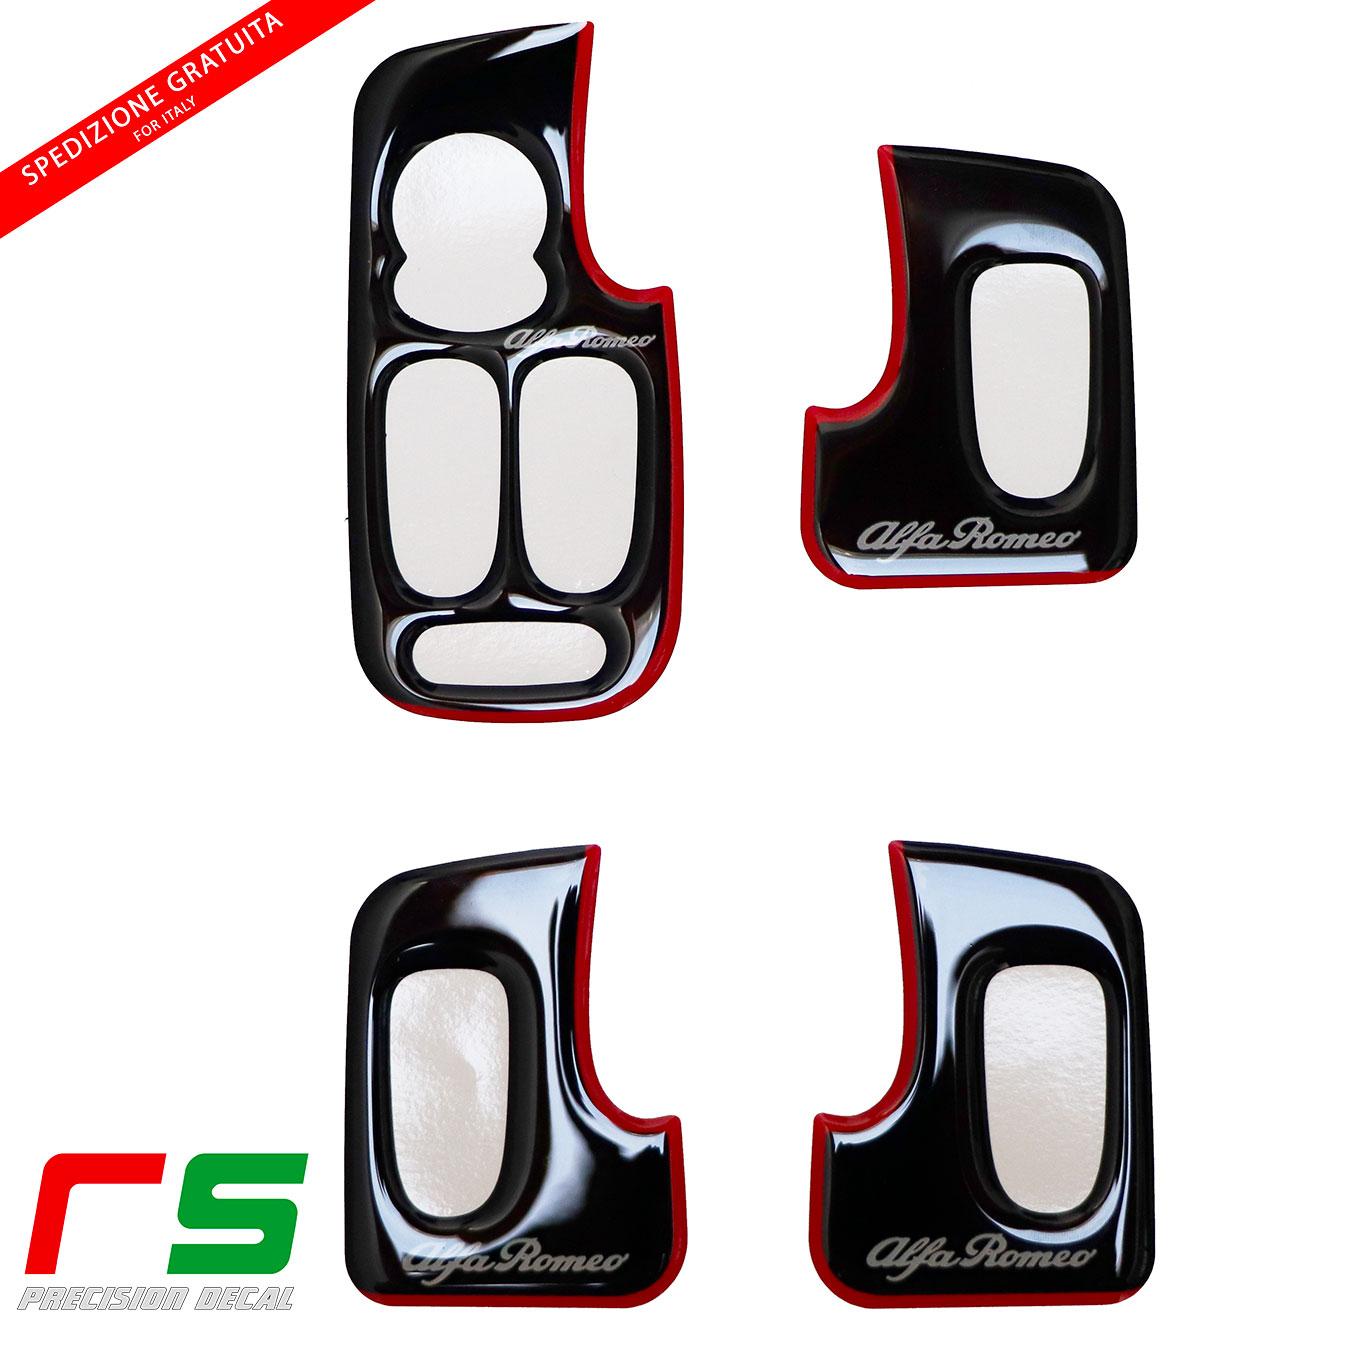 alfa 147 5 portes enduit de résine autocollants noir lève-vitre